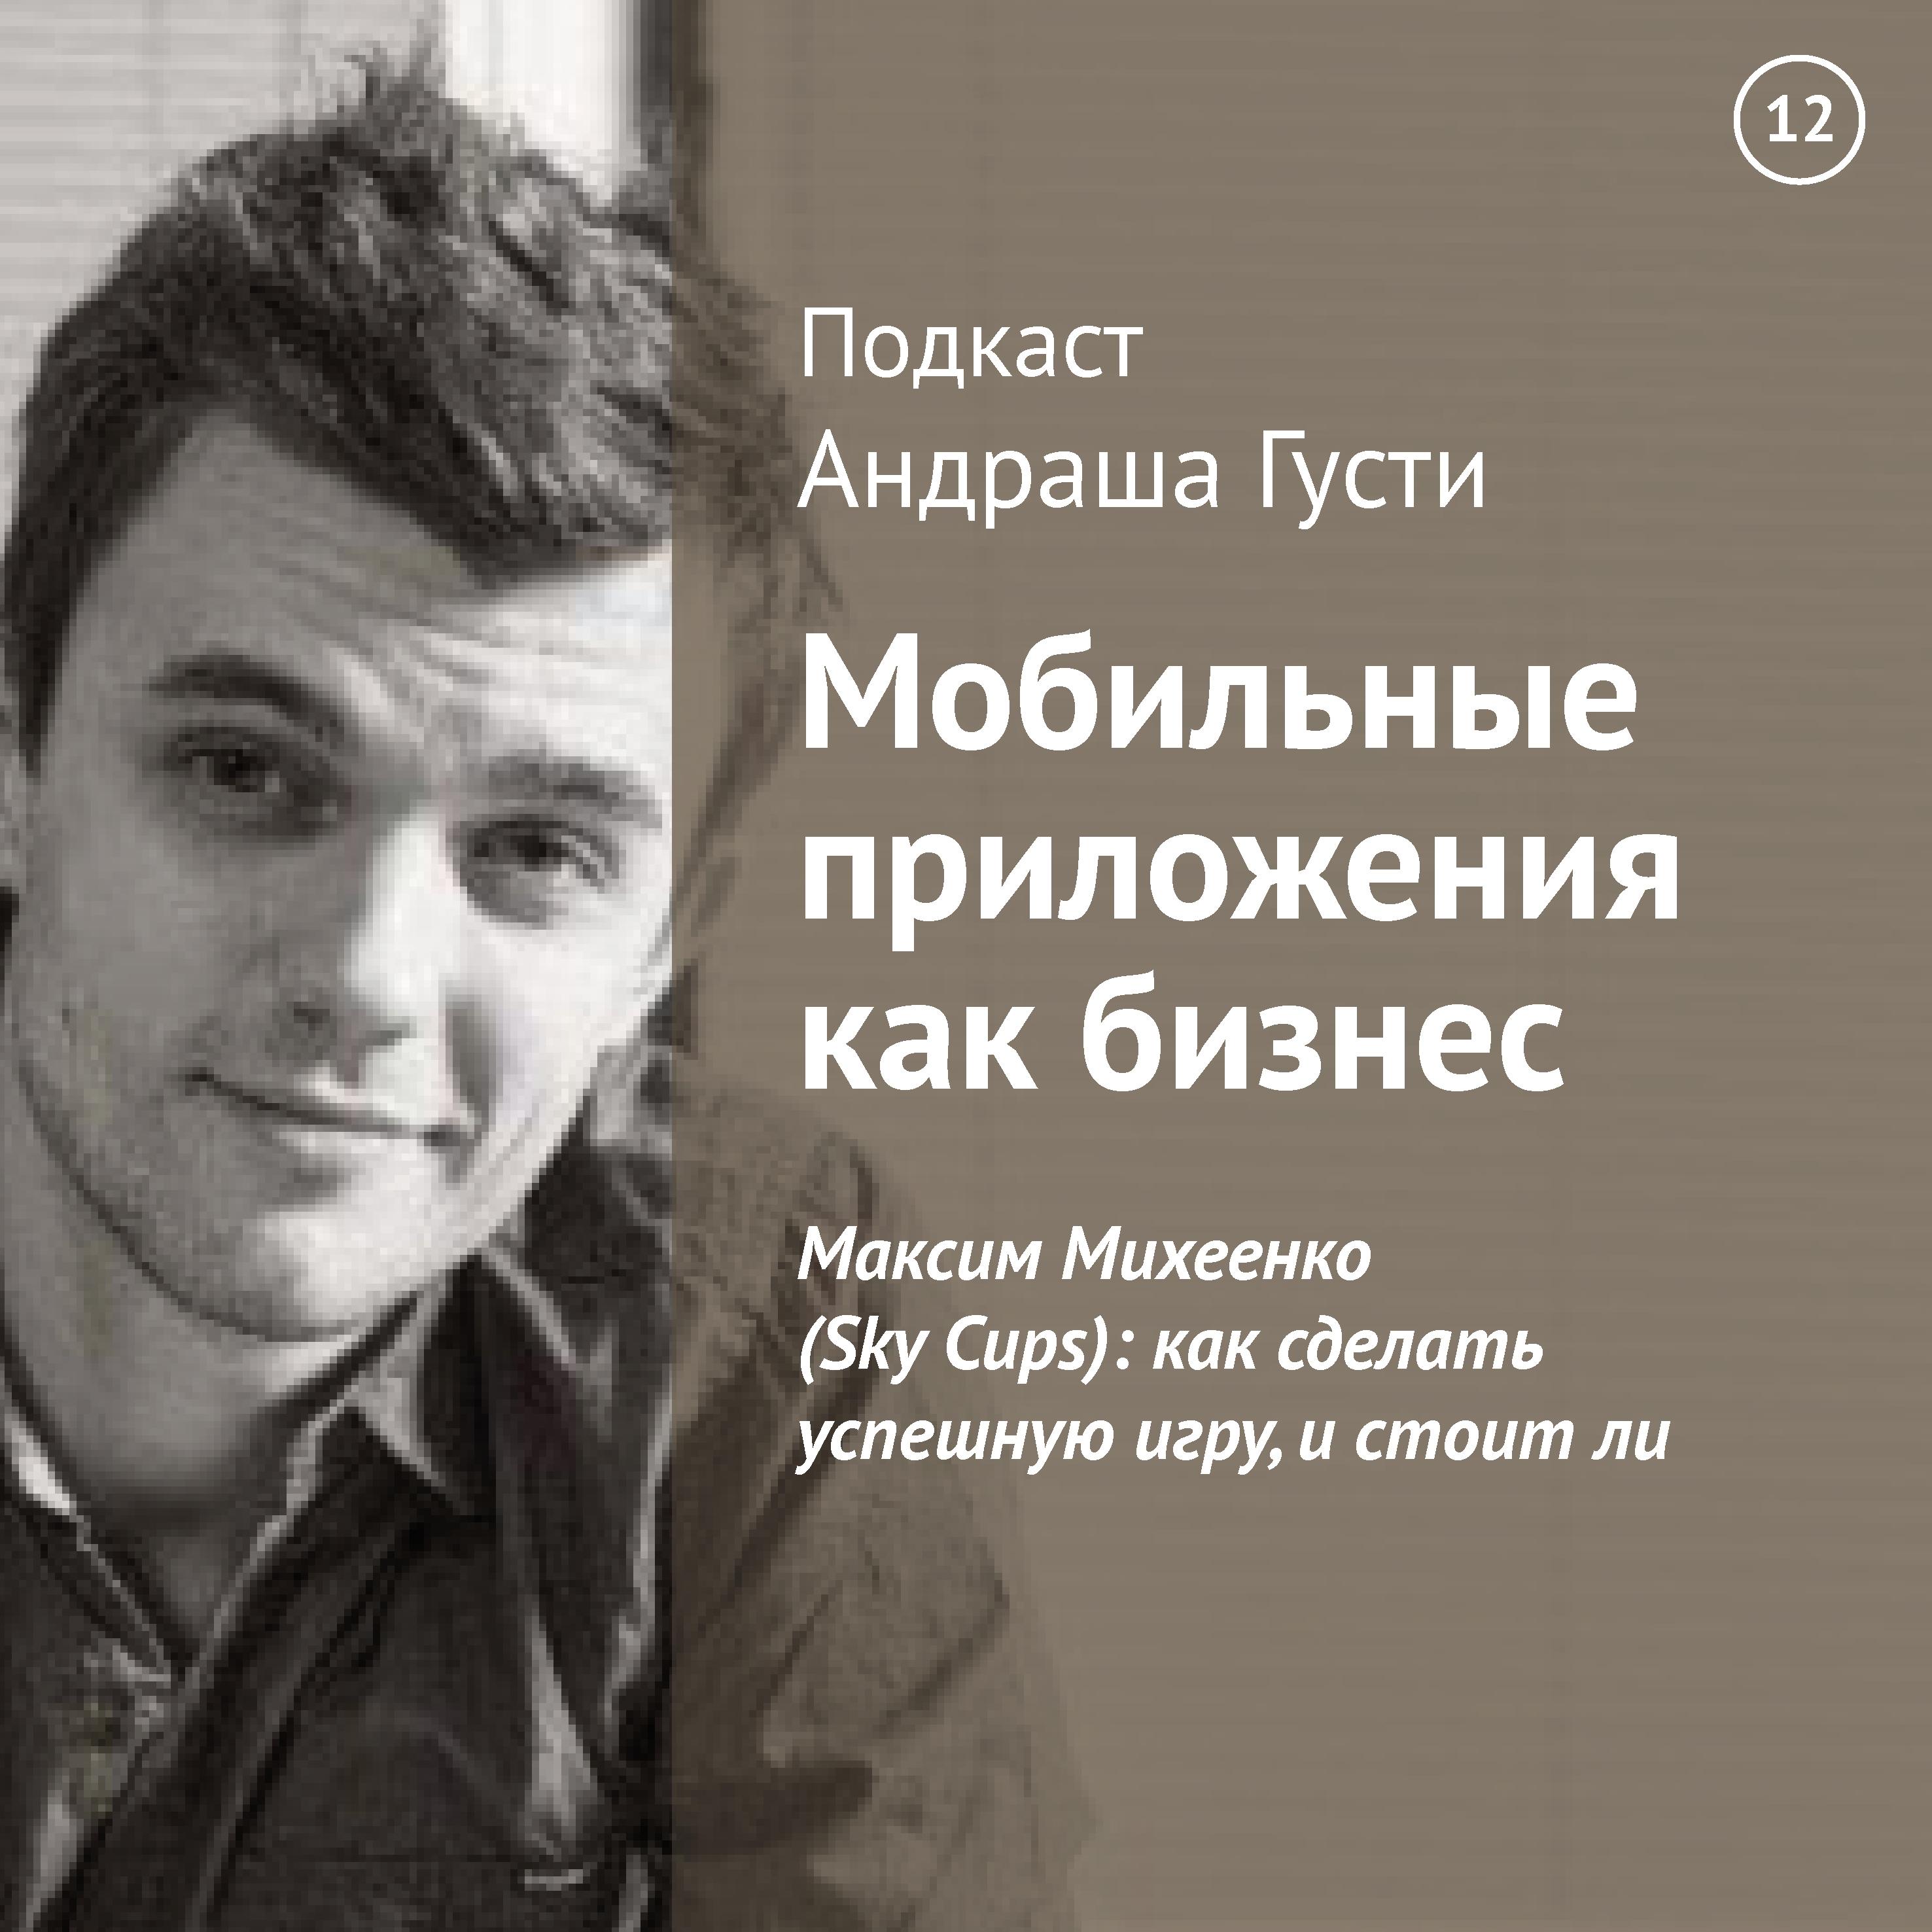 Андраш Густи Максим Михеенко (Sky Cups): как сделать успешную игру, и стоит ли